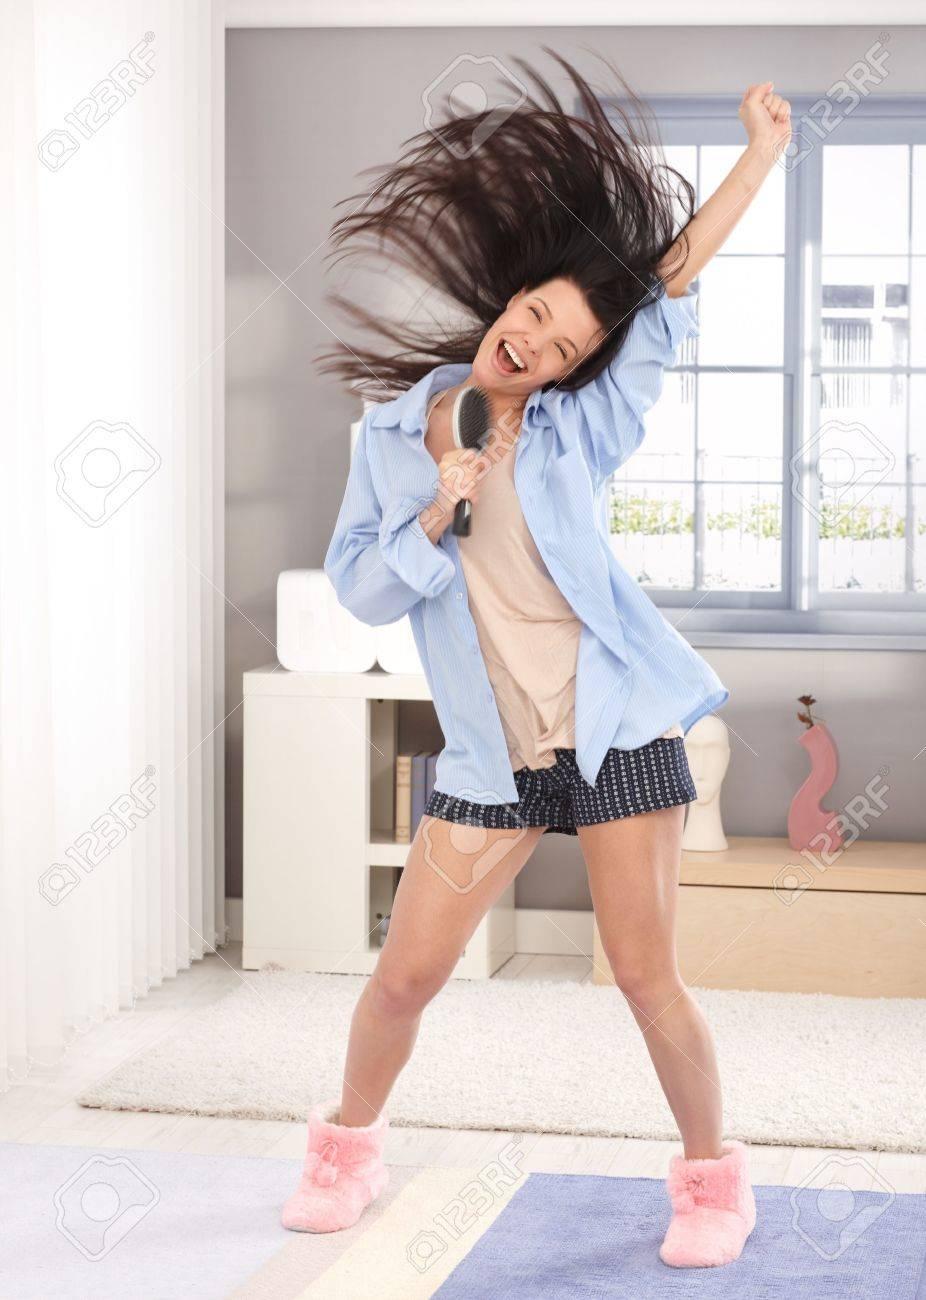 c3acf7ac132 Foto de archivo - Mujer joven feliz que actúa como estrella del pop, con  cepillo de pelo como micrófono, en pijama, el pelo largo volando en el aire.